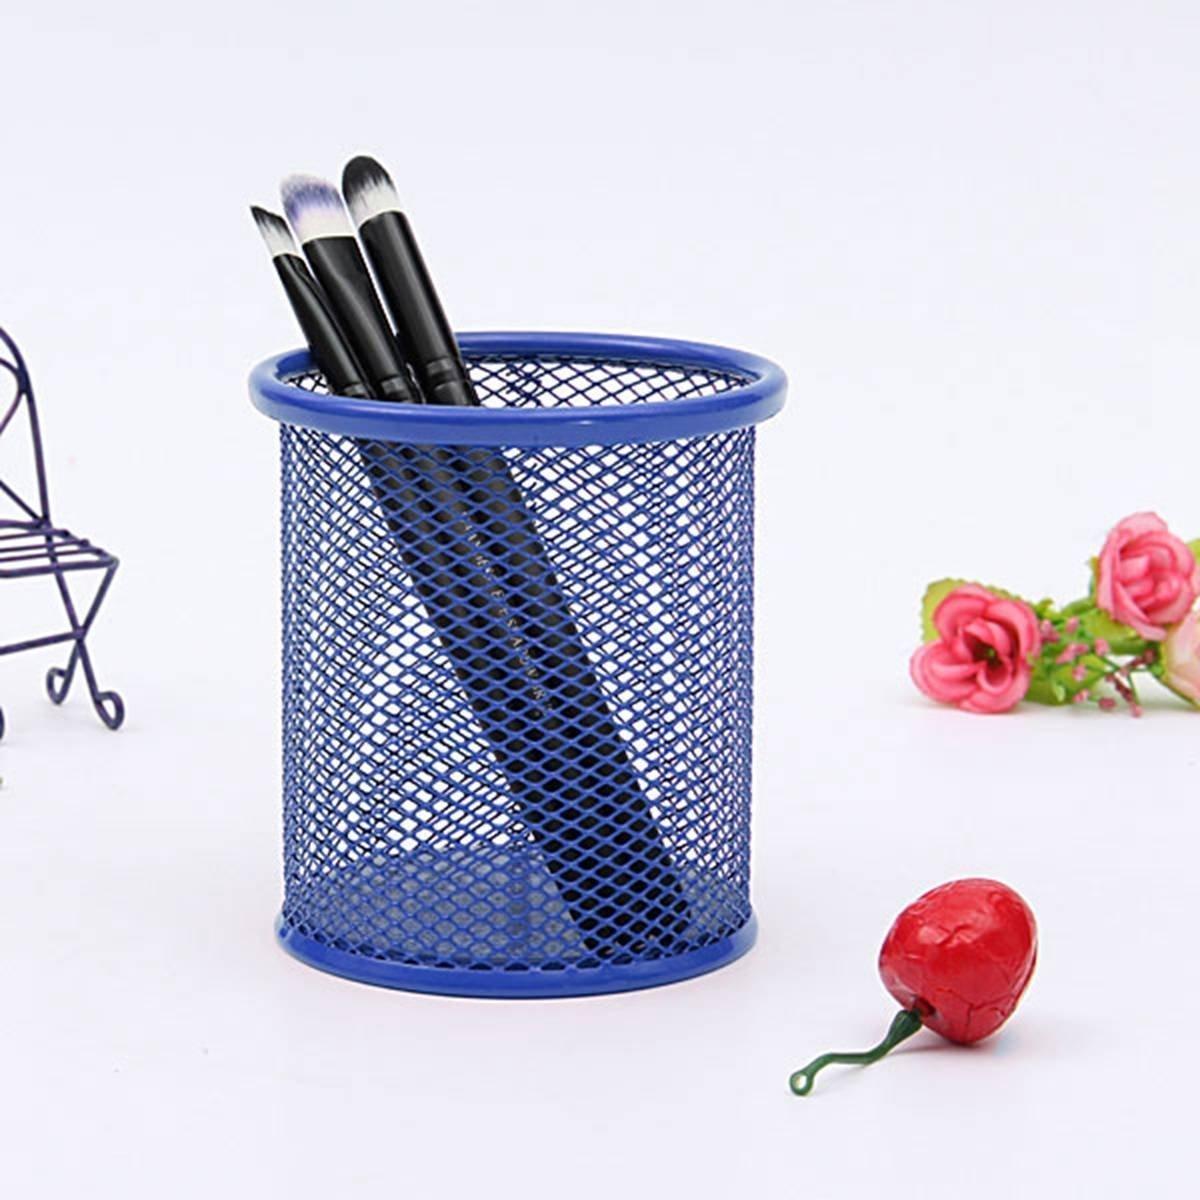 Wonque portapenne Rotondo in Metallo con griglia per riporre Penne e matite 1 Pezzo